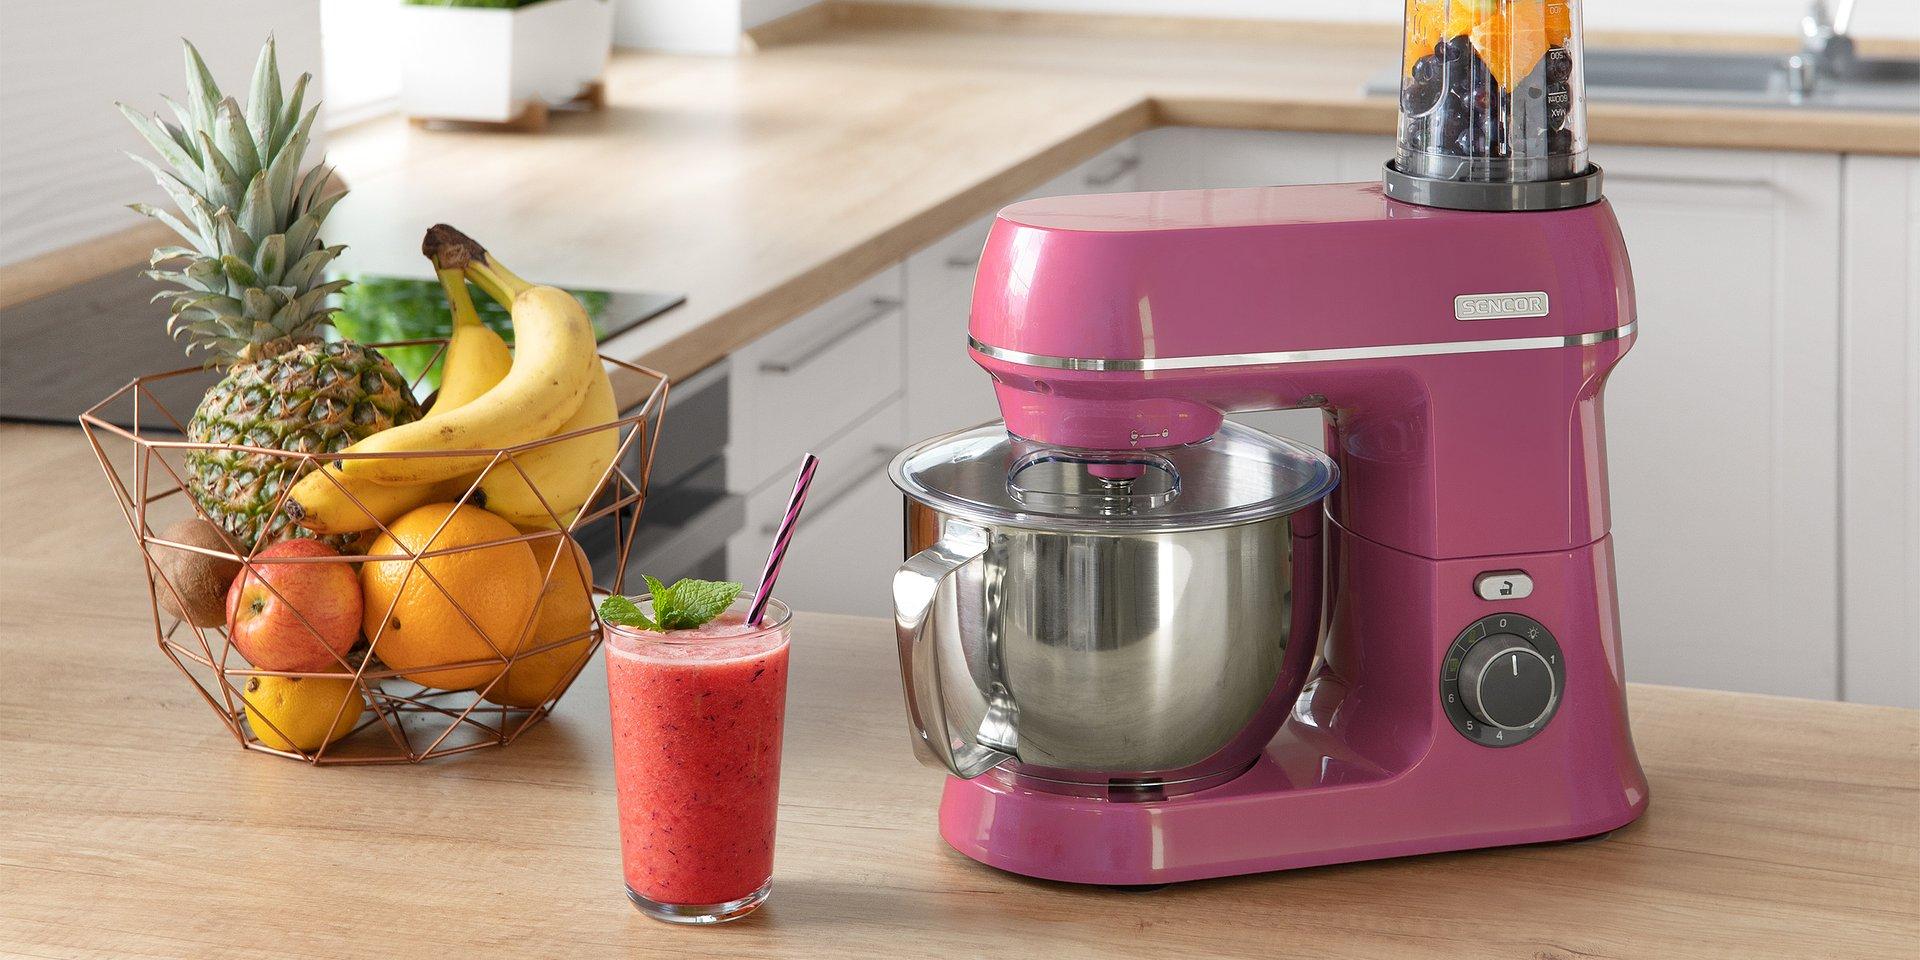 Kolorowe sprzęty AGD. Odkryj nowy trend w aranżacji kuchni.